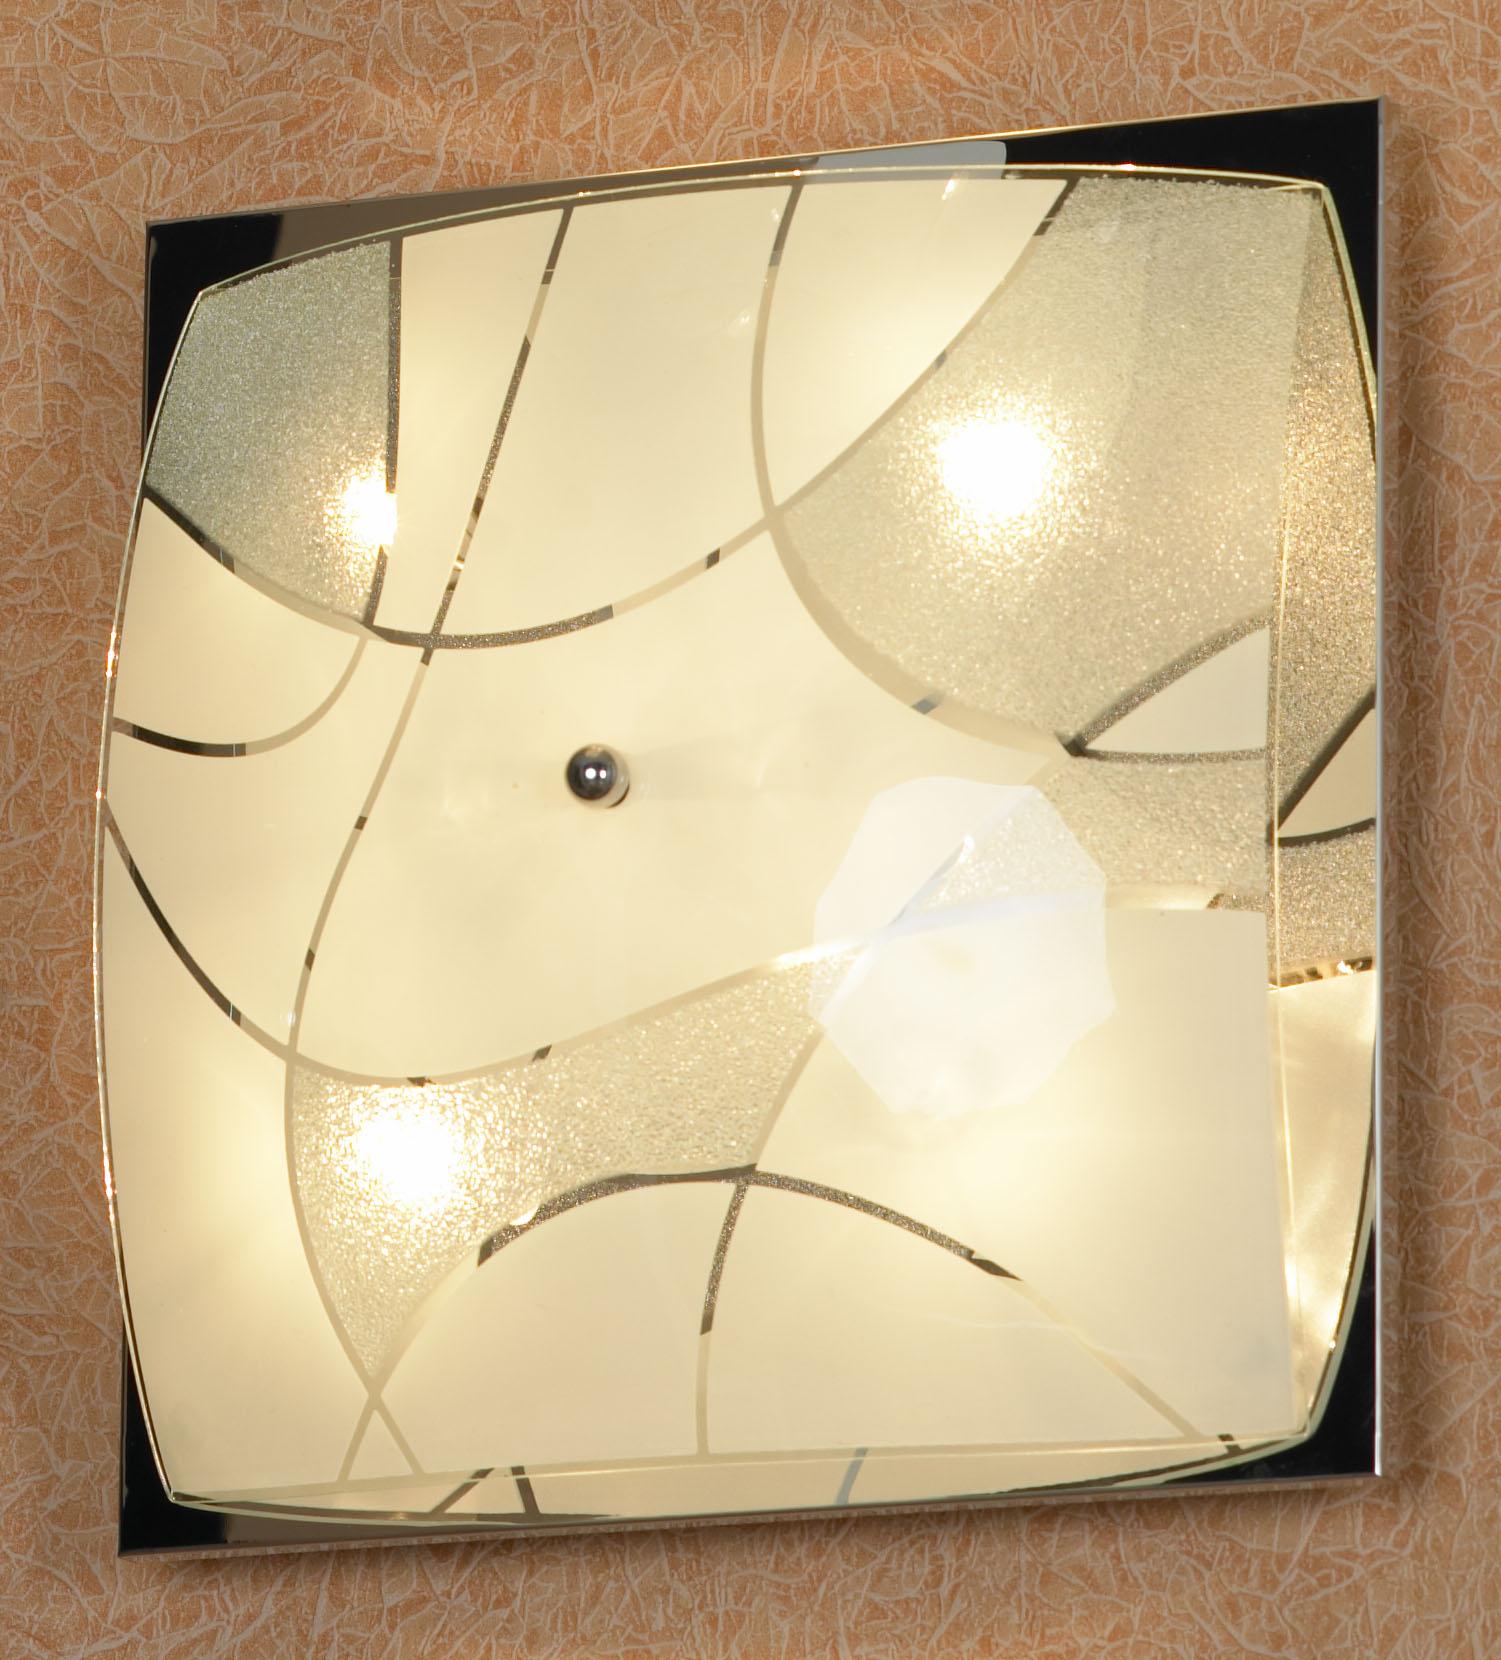 Светильник LussoleСветильники настенно-потолочные<br>Мощность: 40,<br>Количество ламп: 6,<br>Назначение светильника: для комнаты,<br>Стиль светильника: модерн,<br>Материал светильника: металл, стекло,<br>Тип лампы: галогенная,<br>Ширина: 340,<br>Патрон: G9,<br>Цвет арматуры: хром<br>